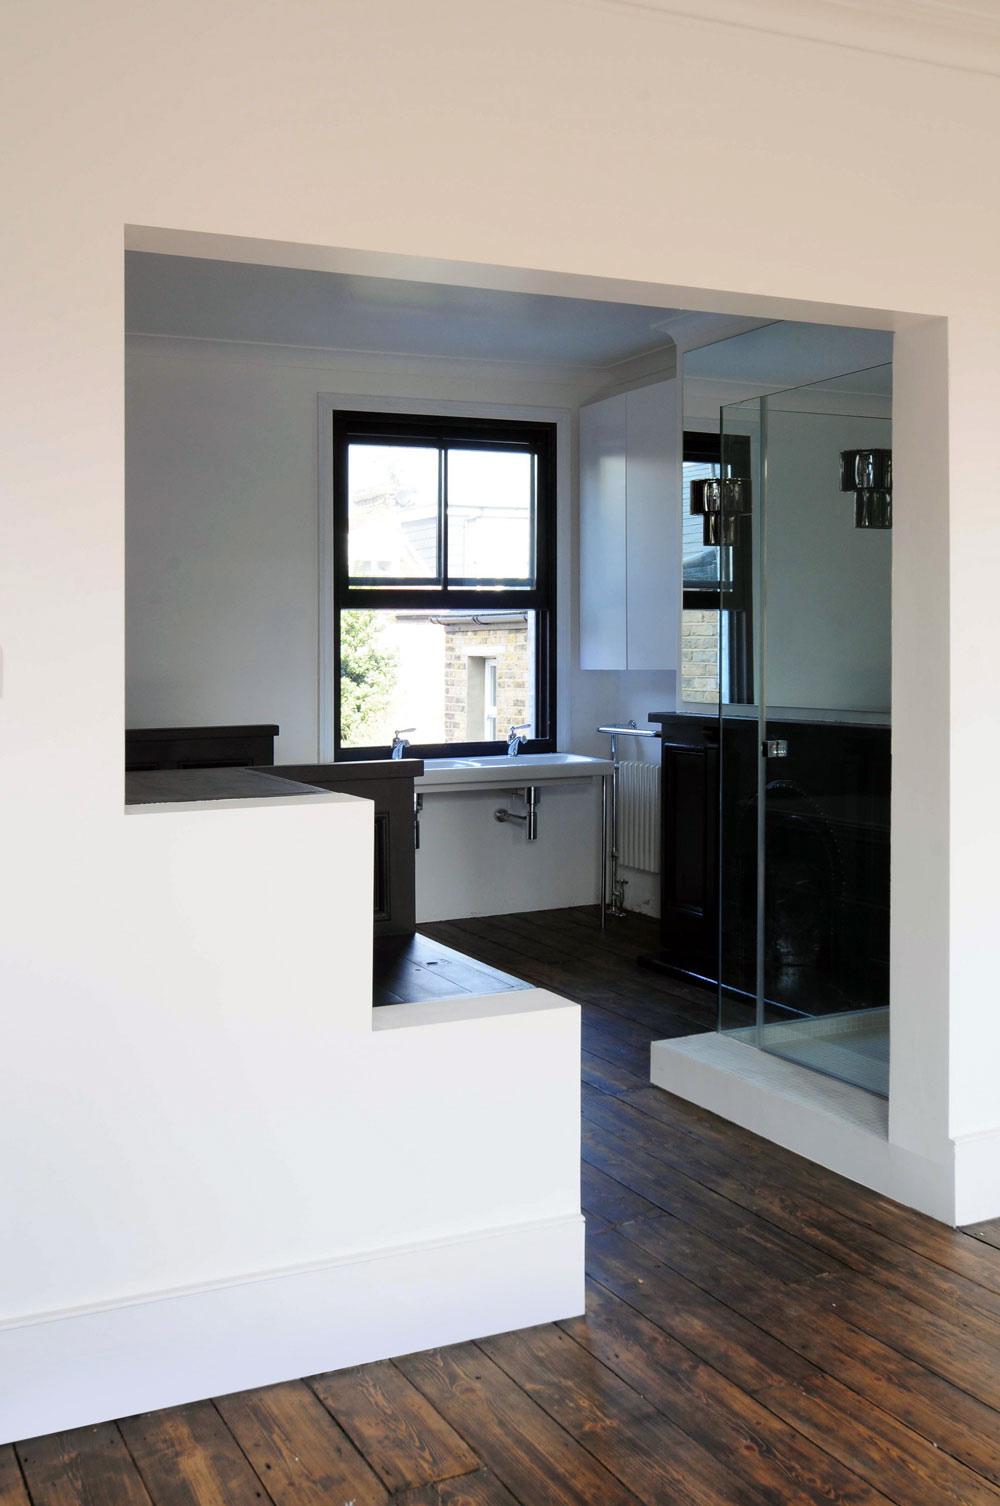 Bathroom, Modern Home in London by Bureau de Change Design Office